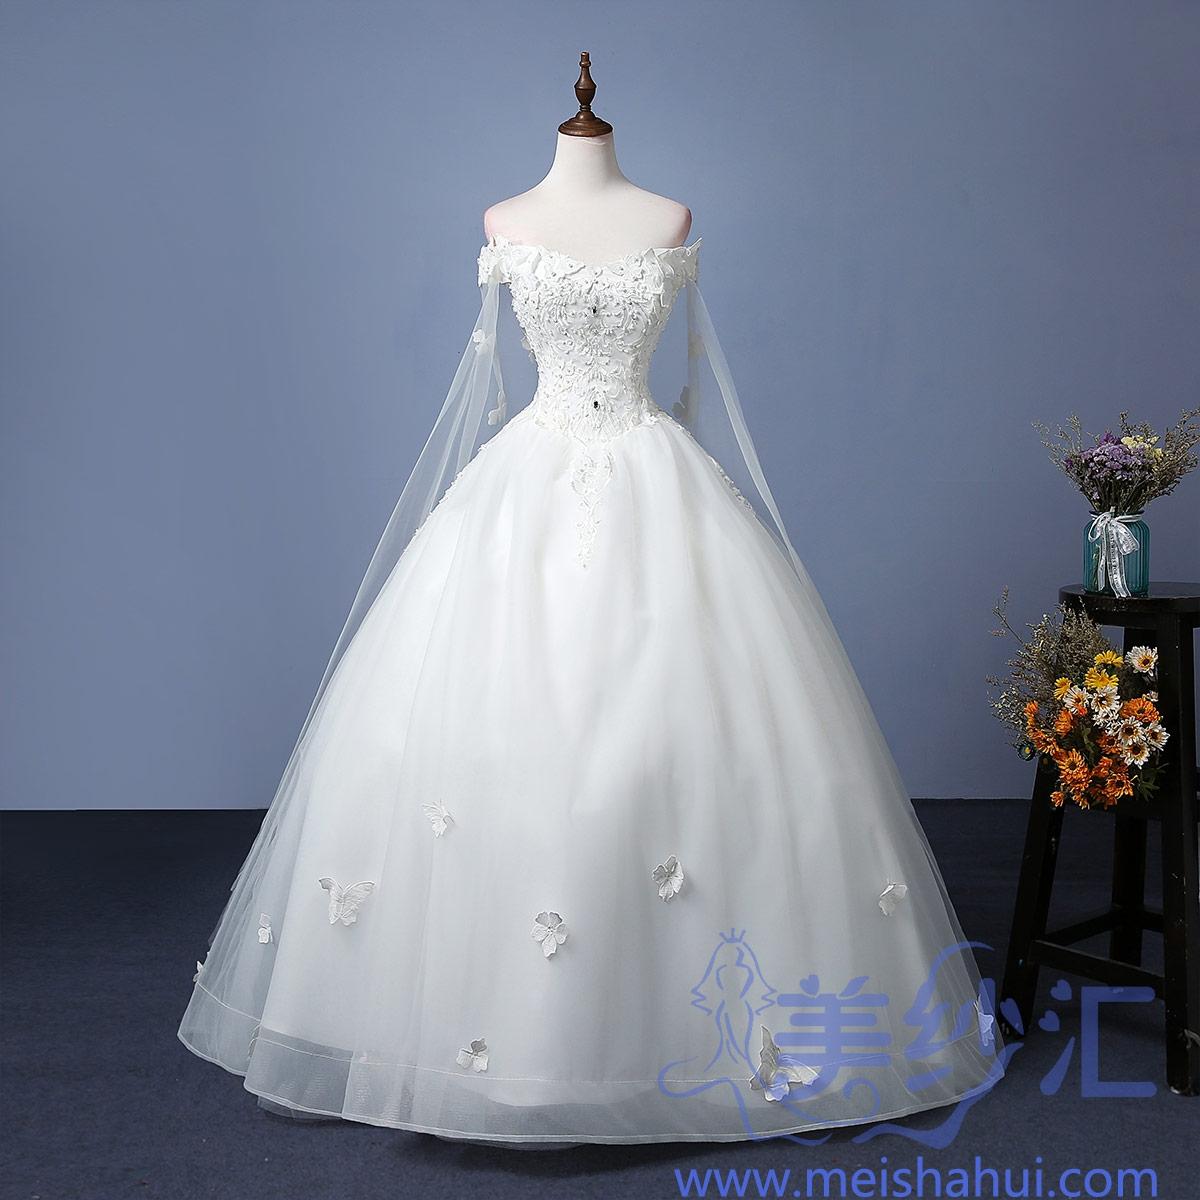 米白色一字肩新款新娘结婚当天嫁衣齐地婚纱精美贴花101101C-205 如图 均码